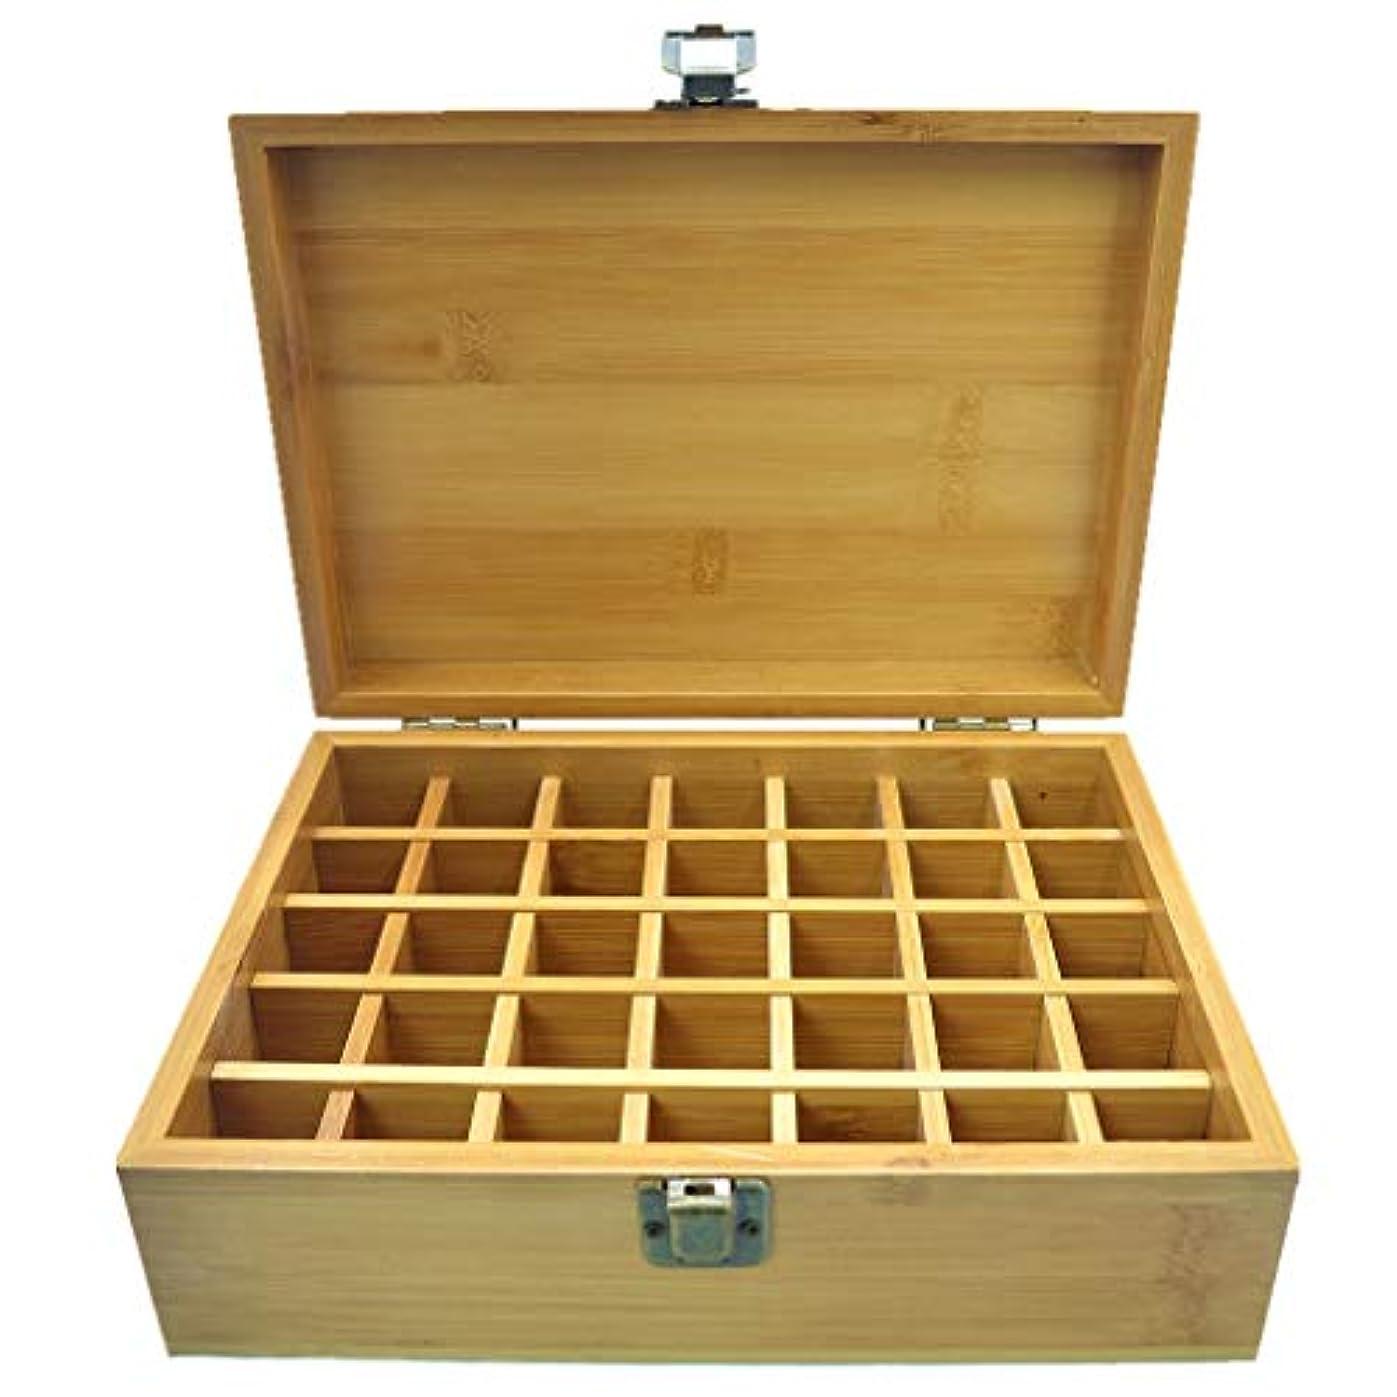 申し立てられたプレゼン教会PhantomSky エッセンシャルオイル収納ボックス 35本用 竹製エッセンシャルオイルボックス メイクポーチ 精油収納ケース 携帯用 自然ウッド精油収納ボックス 香水収納ケース